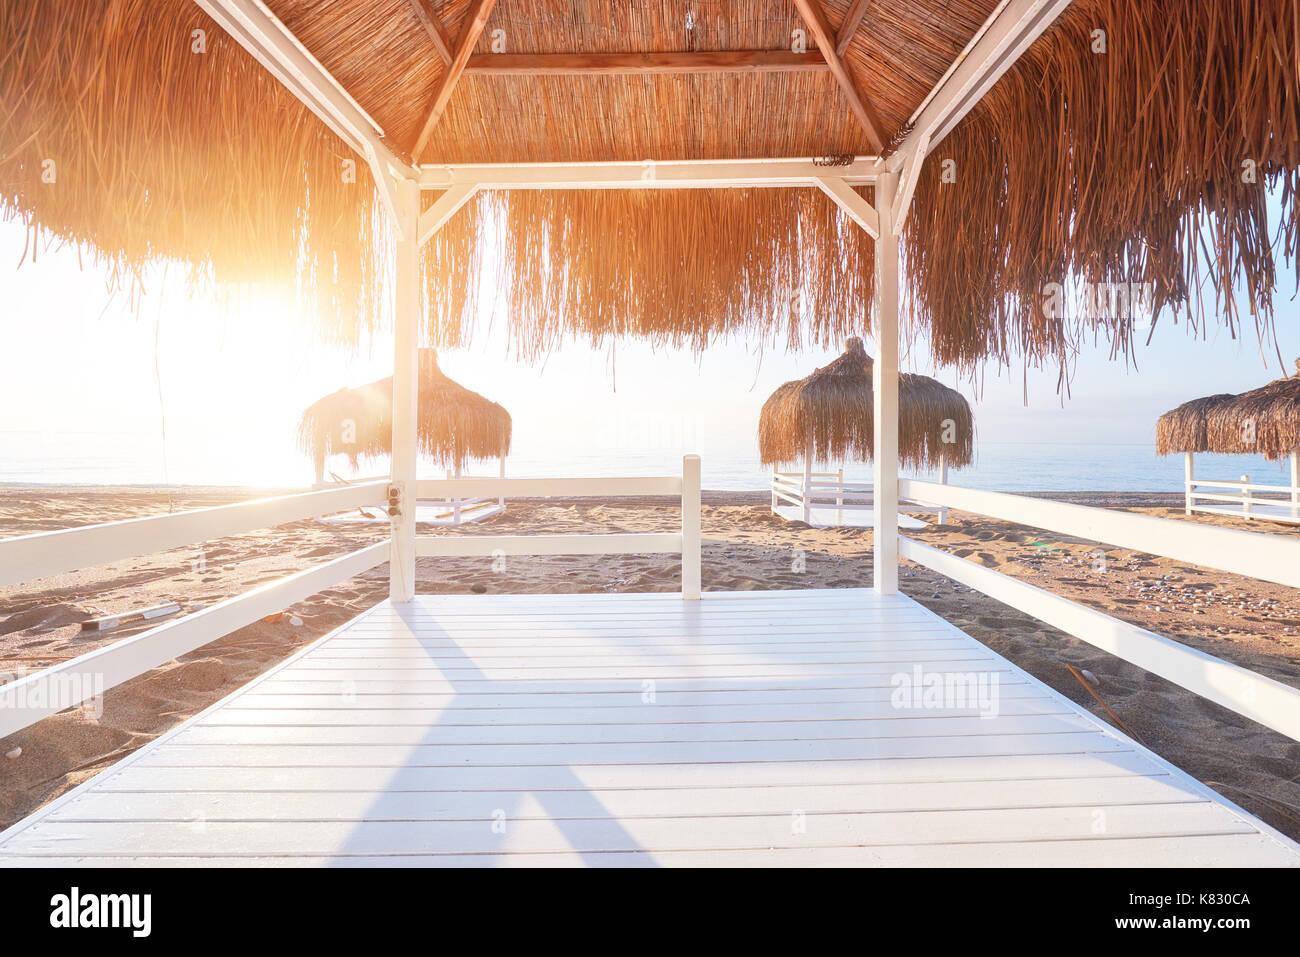 White chairs on the beach resort famous Amara Dolce Vita Luxury Hotel. Resort. Tekirova-Kemer. Turkey. - Stock Image